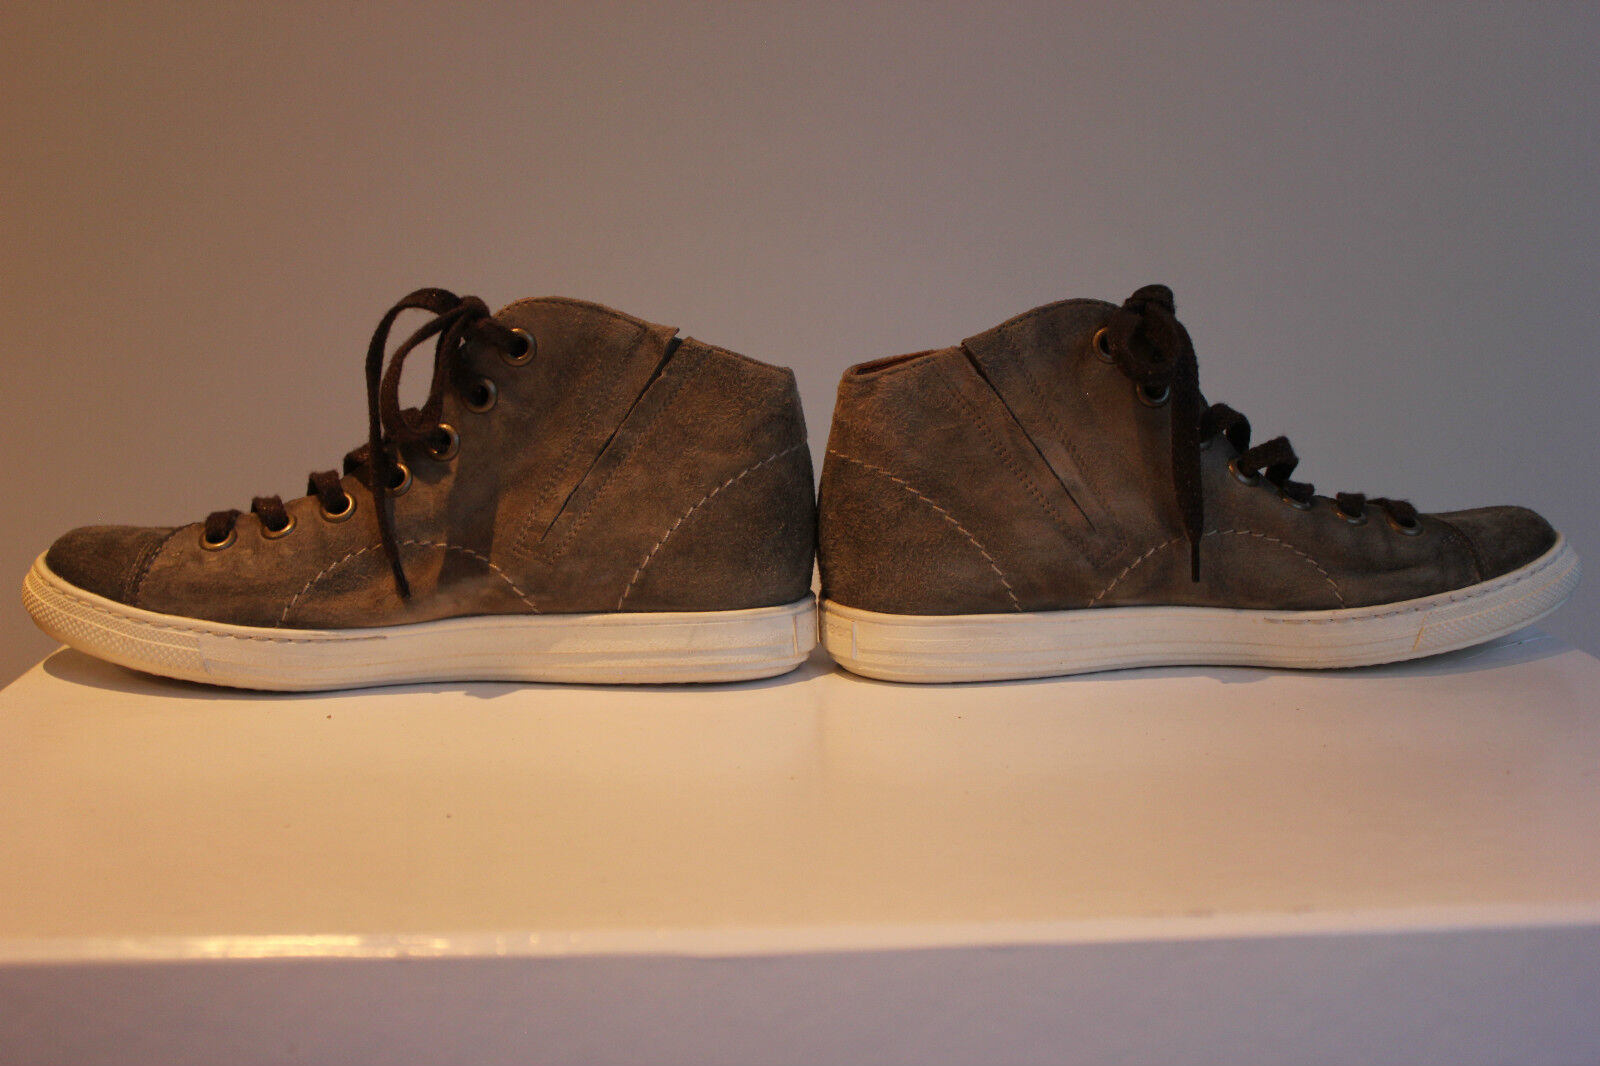 PAUL GREEN Traum Grau Wildleder High-Top Sneakers, Gr. 36,5/37, 36,5/37, Gr. Top Zustand bd2e49